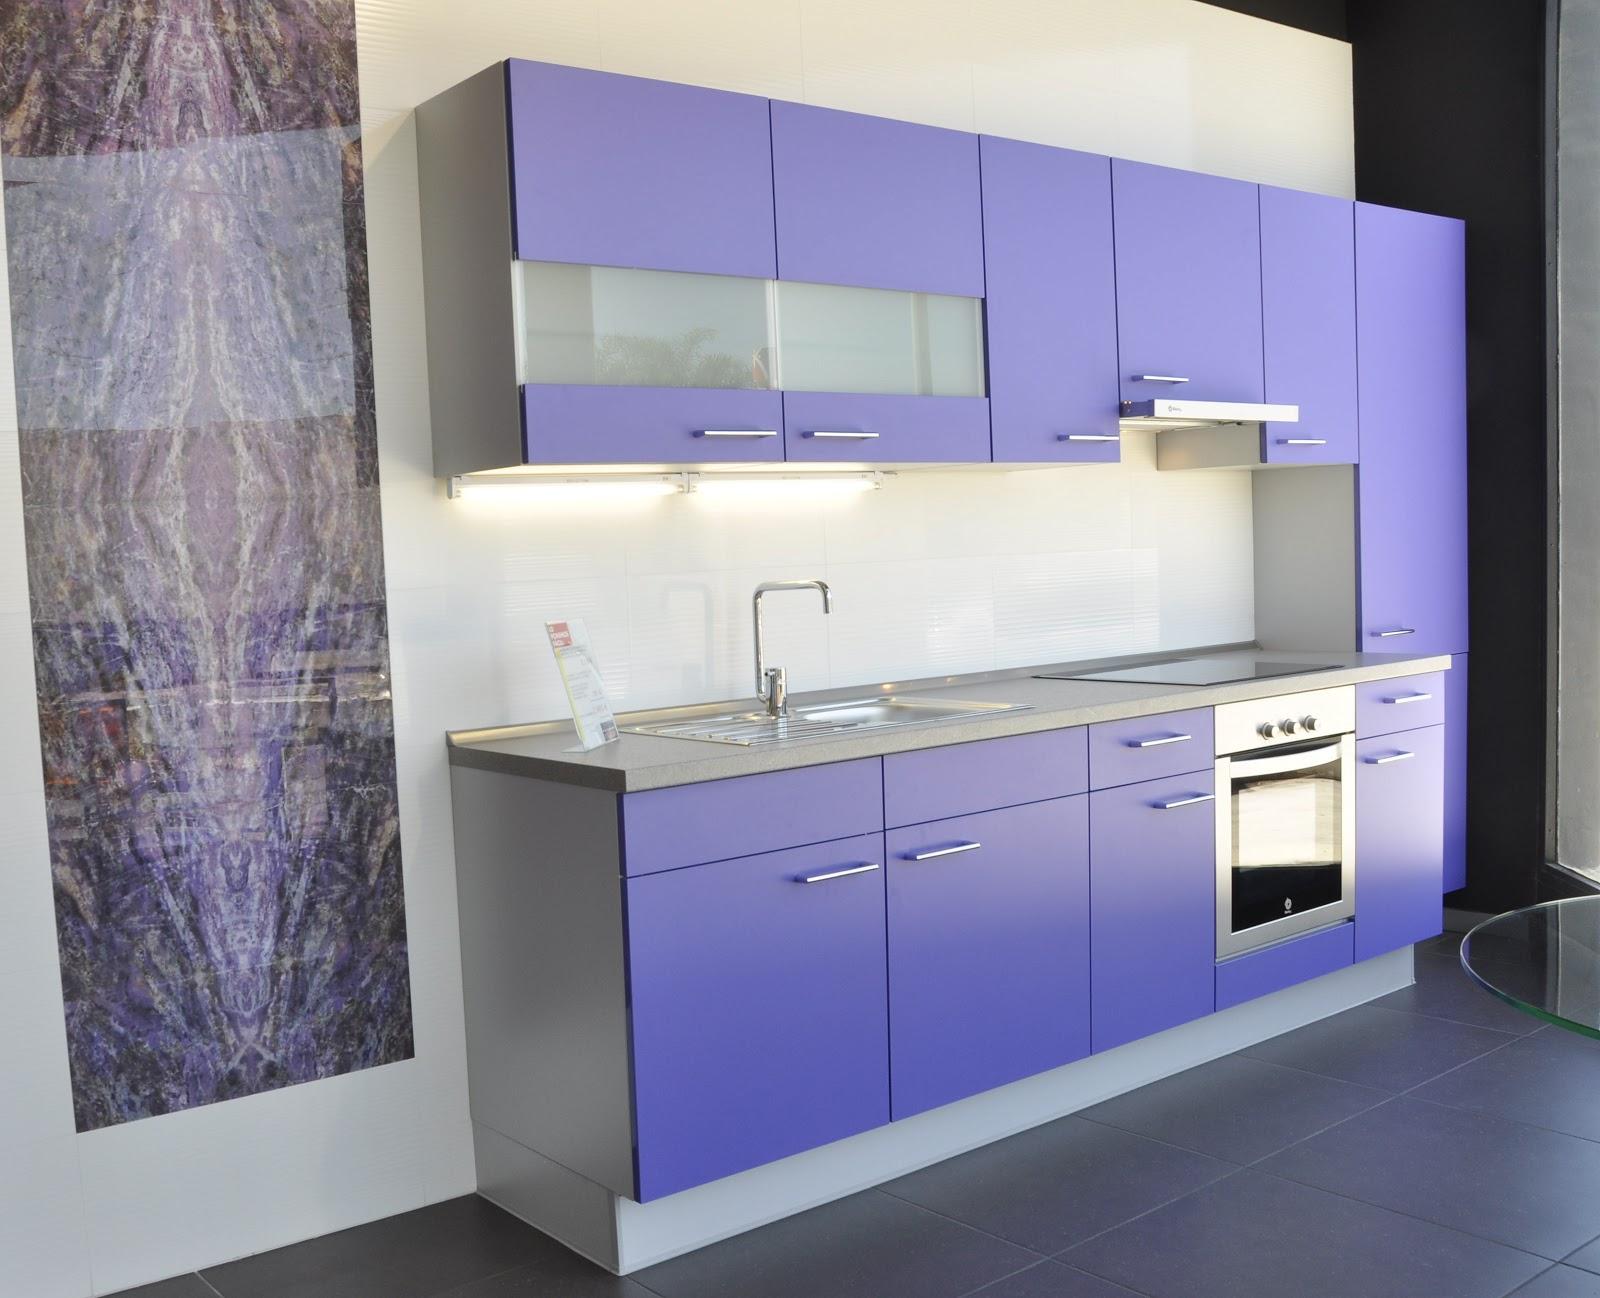 Pretty cocinas baratas valencia images gallery muebles - Fabrica de muebles valencia ...